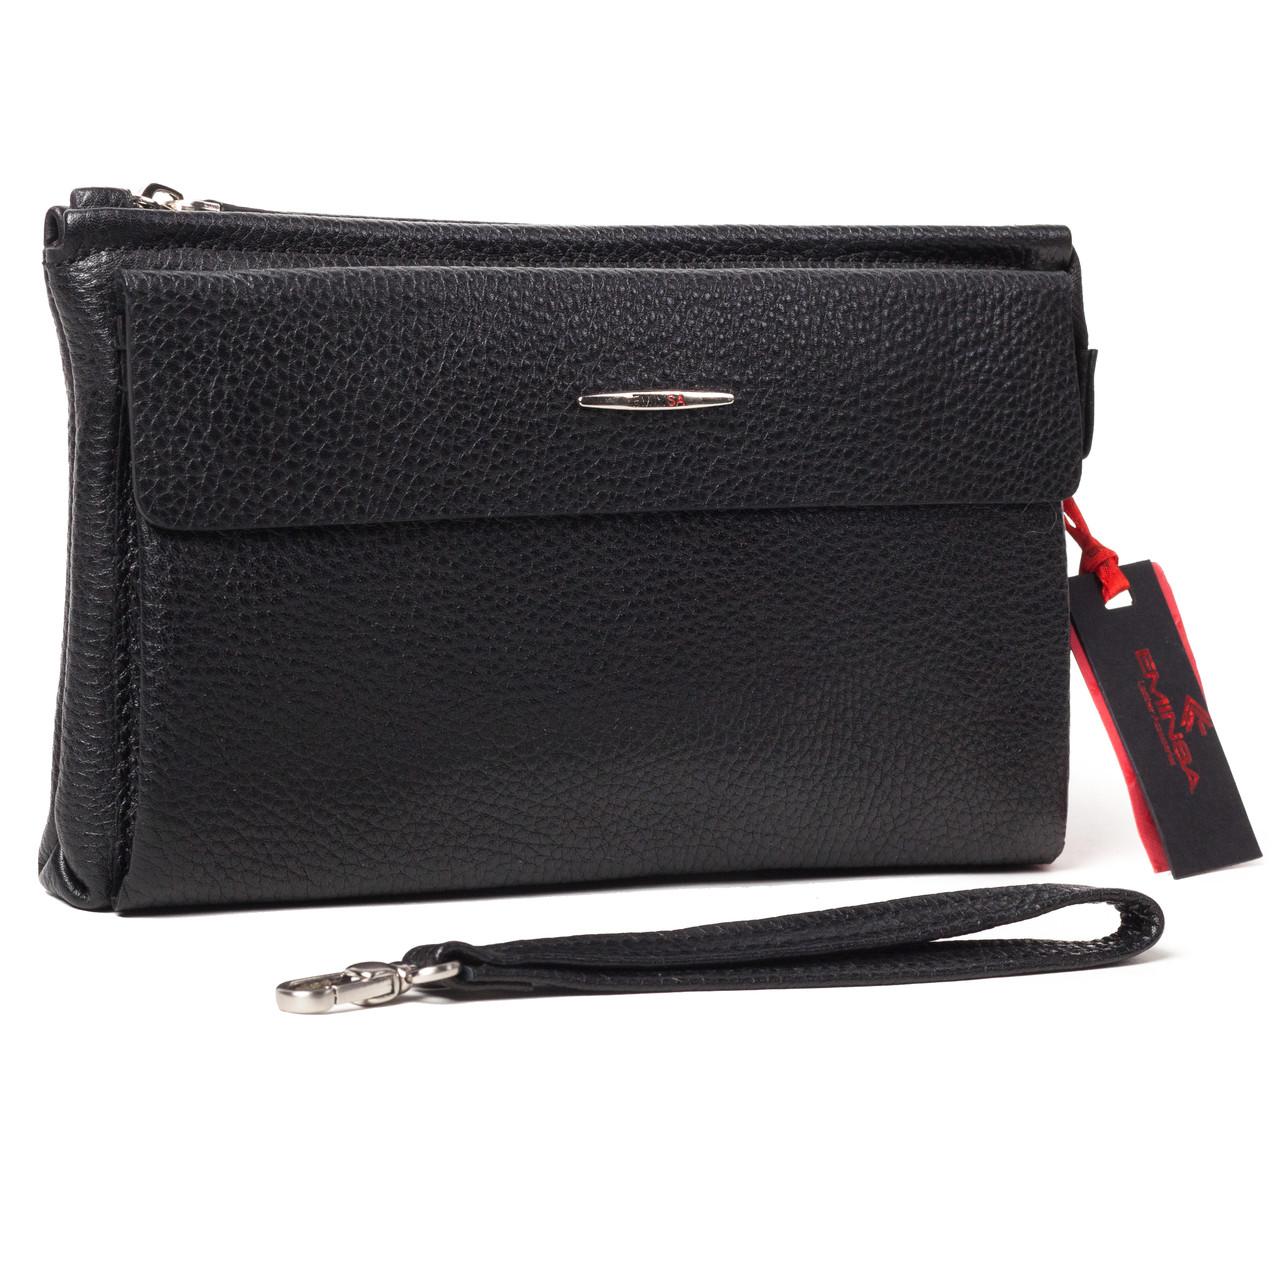 0d4cf7152d6e Мужской клатч кожаный чёрный Eminsa 5013-12-1 - FainaModa магазин кожаных  изделий в